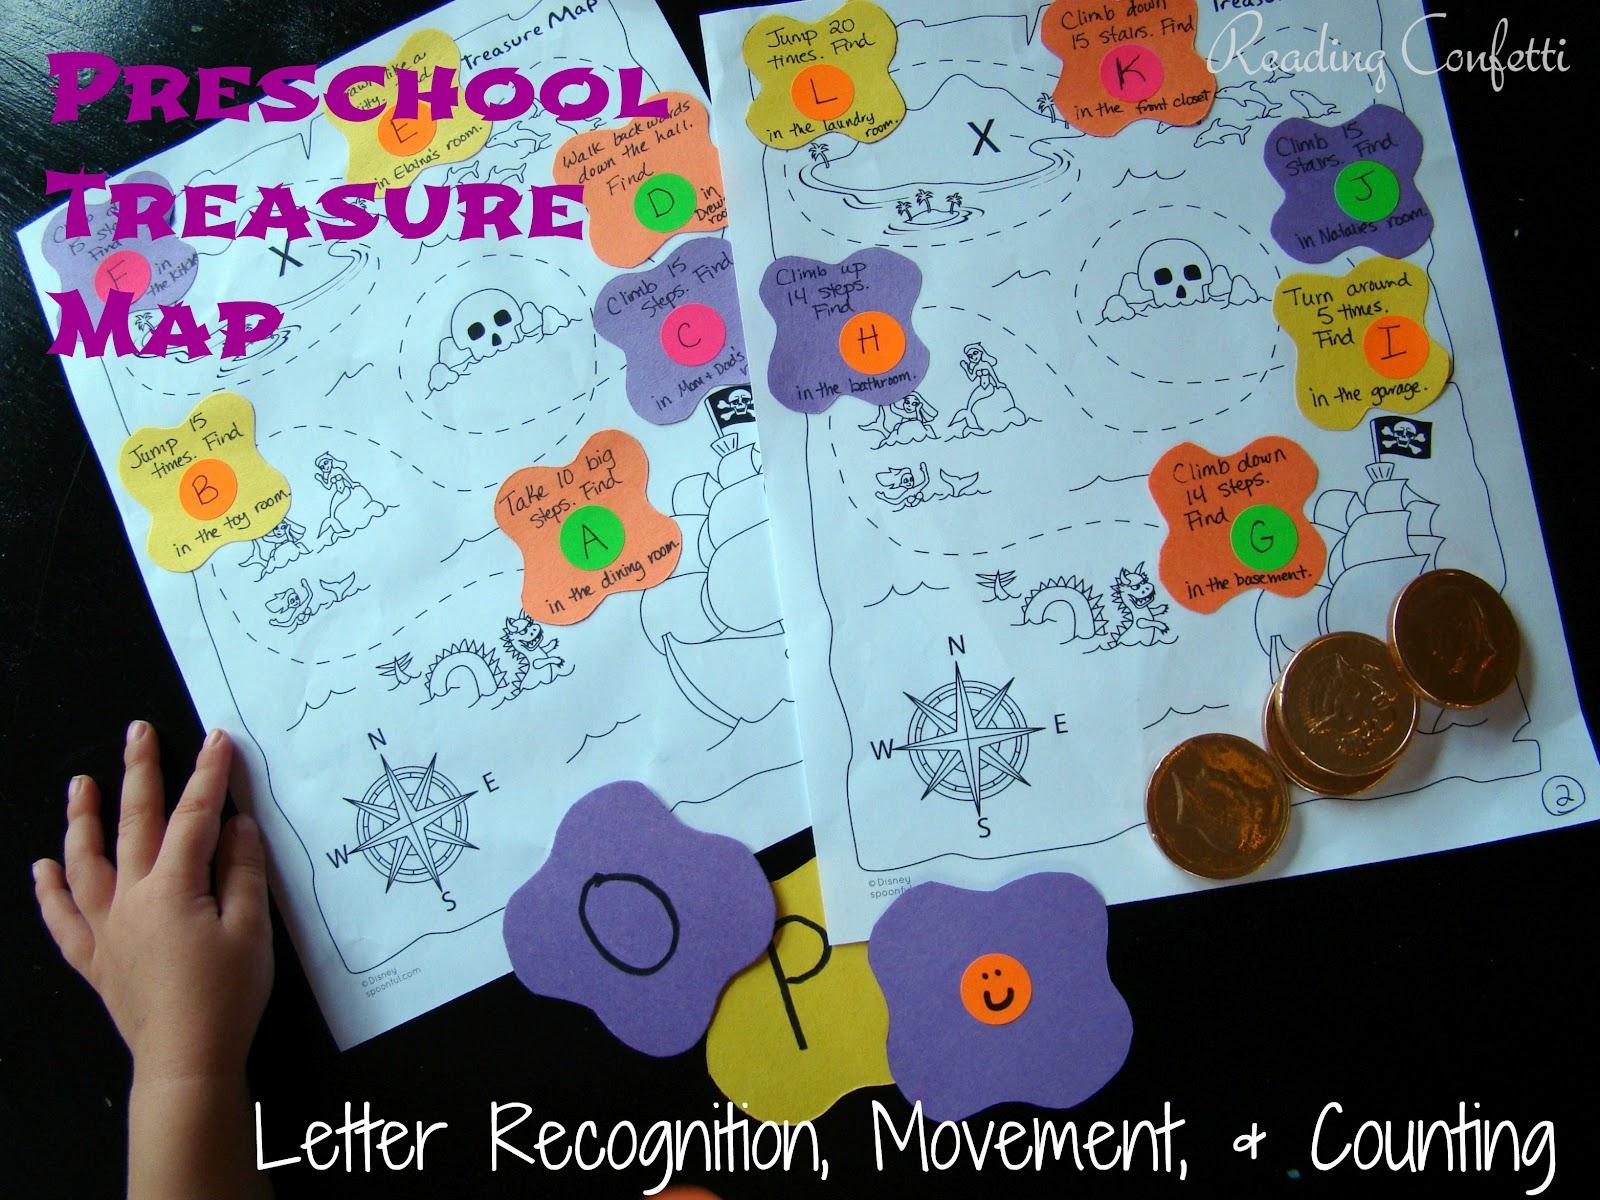 Preschool Treasure Maps Reading Confetti